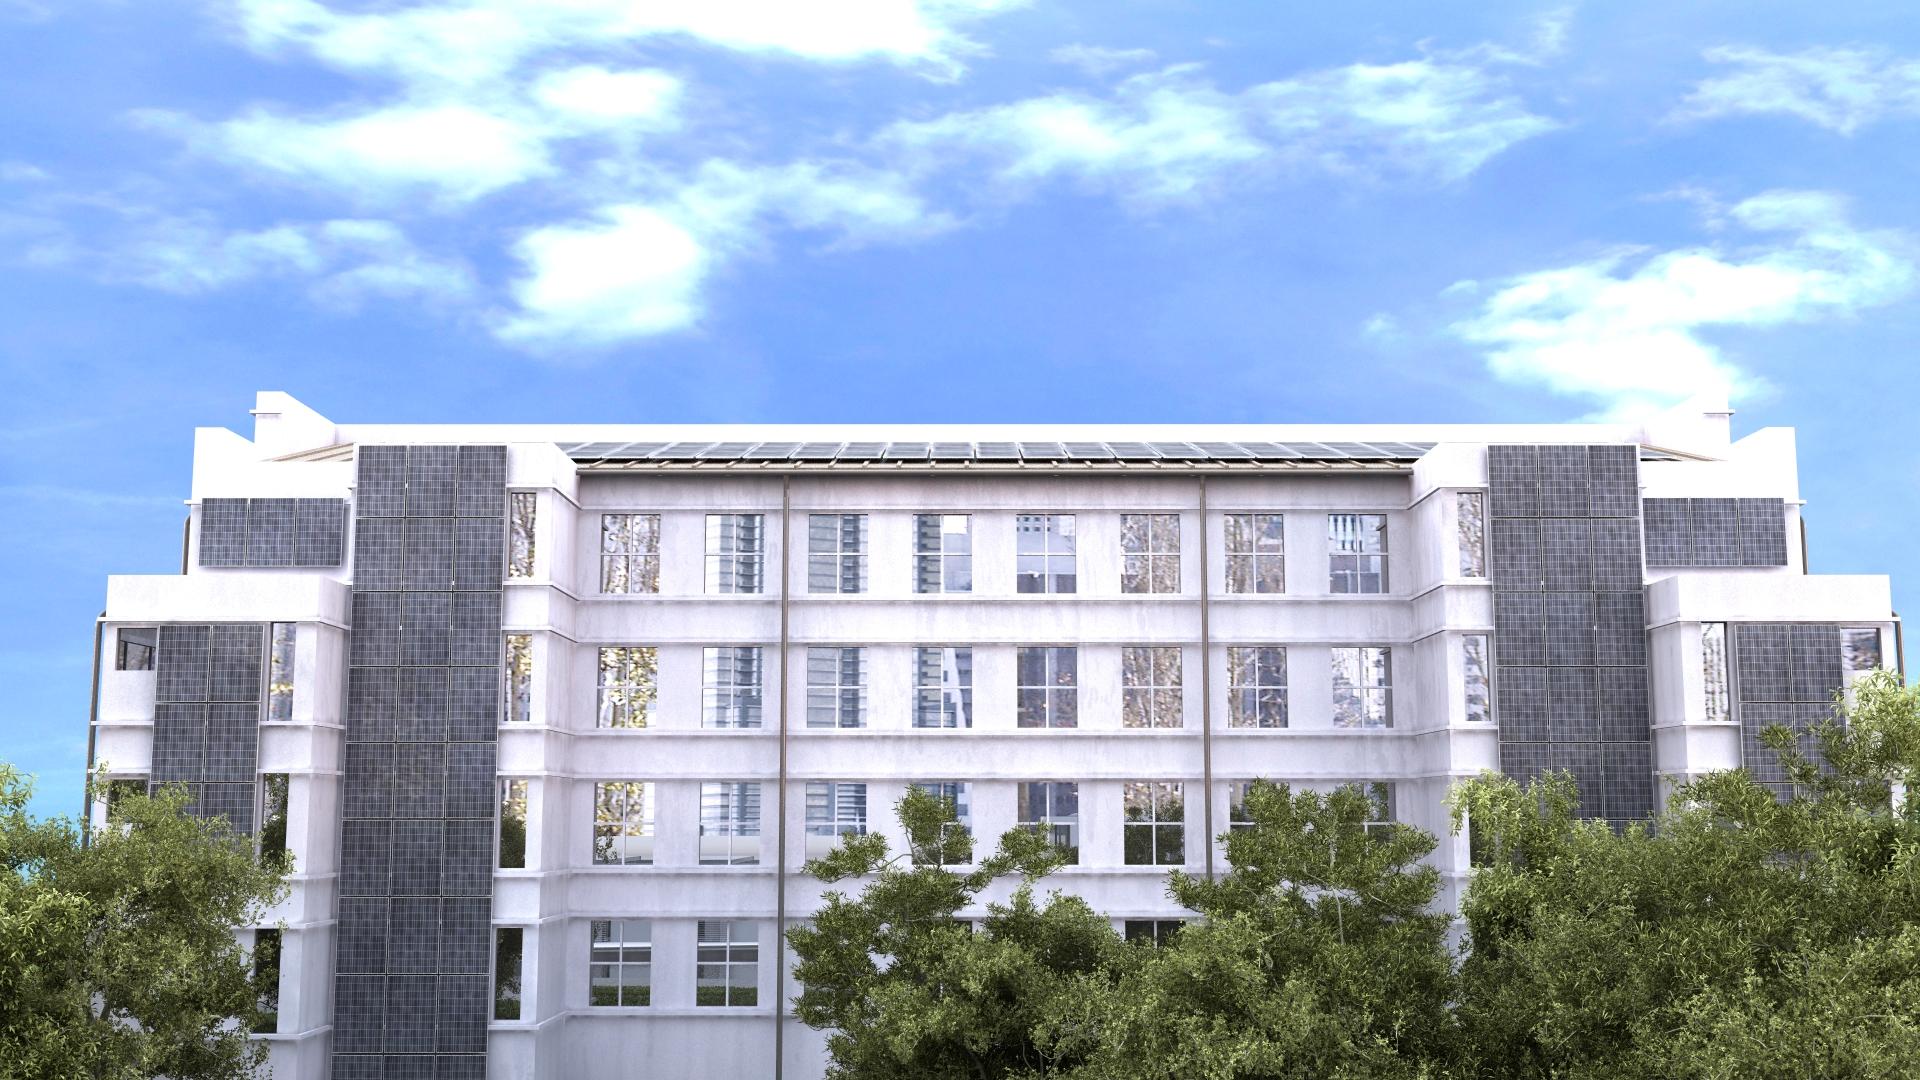 Монохромные поликристаллические панели на офисном здании (иллюстрации для буклета)